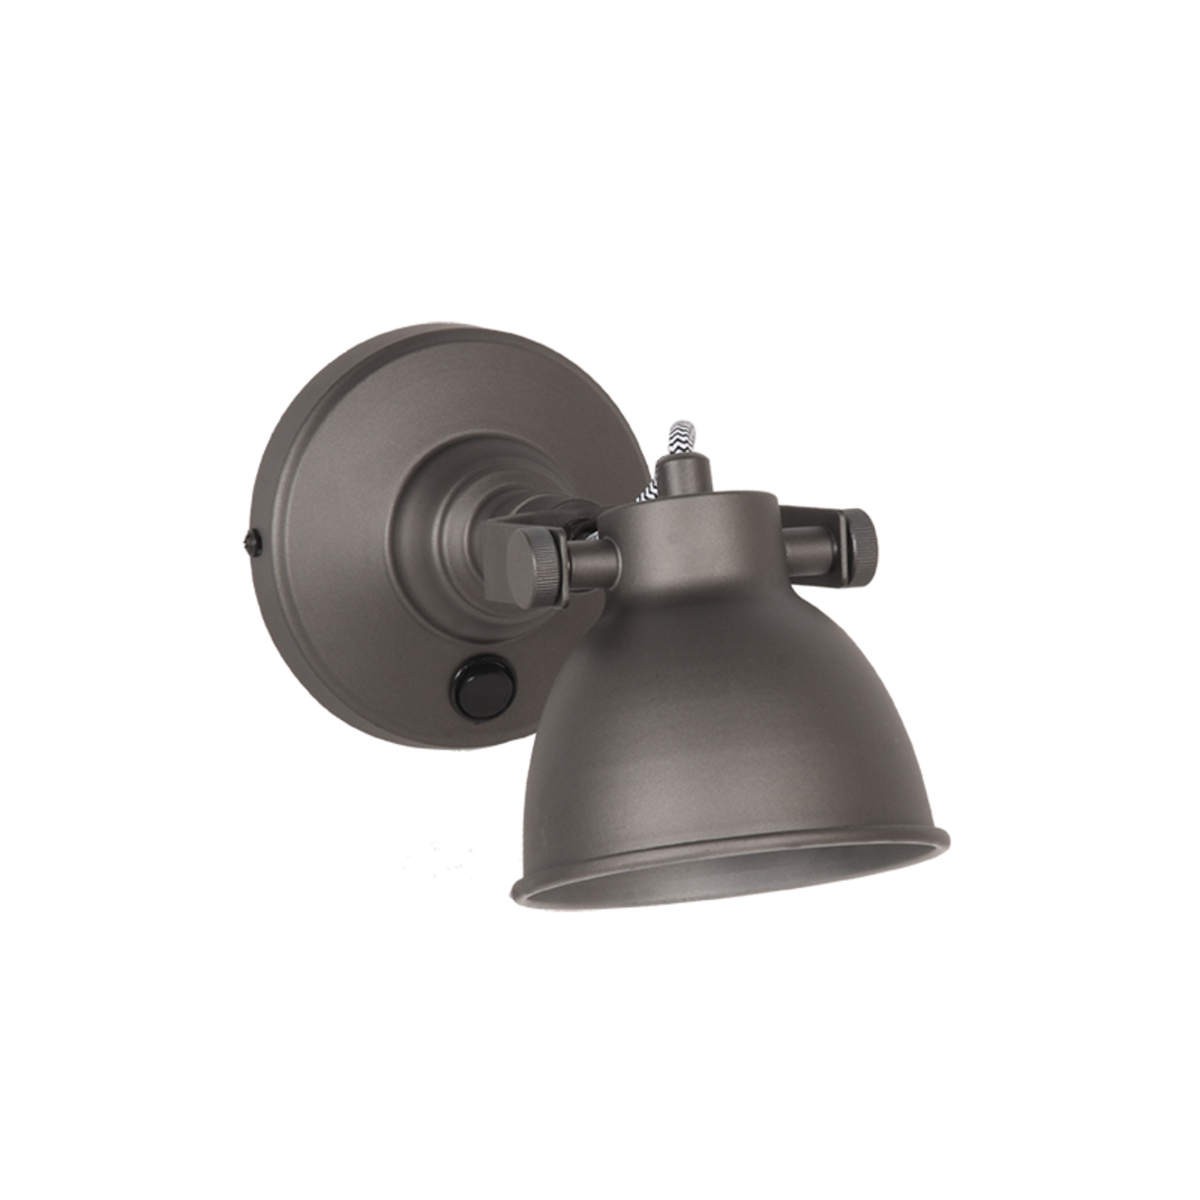 LABEL51 Wandlamp Bow - Grijs - Metaal - M